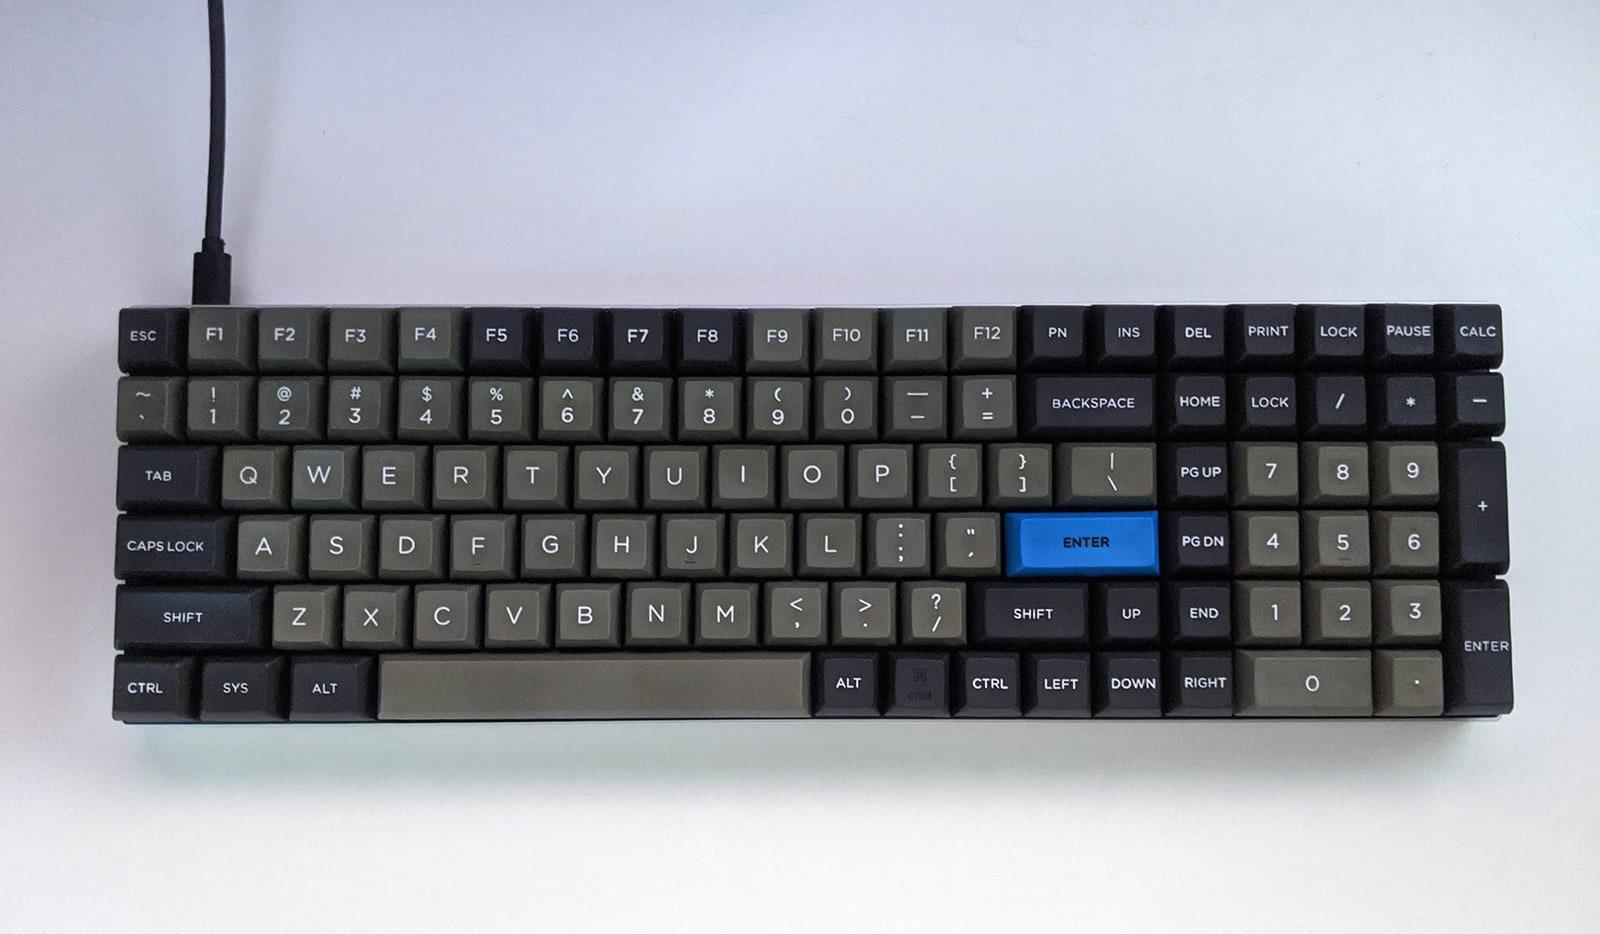 96 key example (96% keyboard)